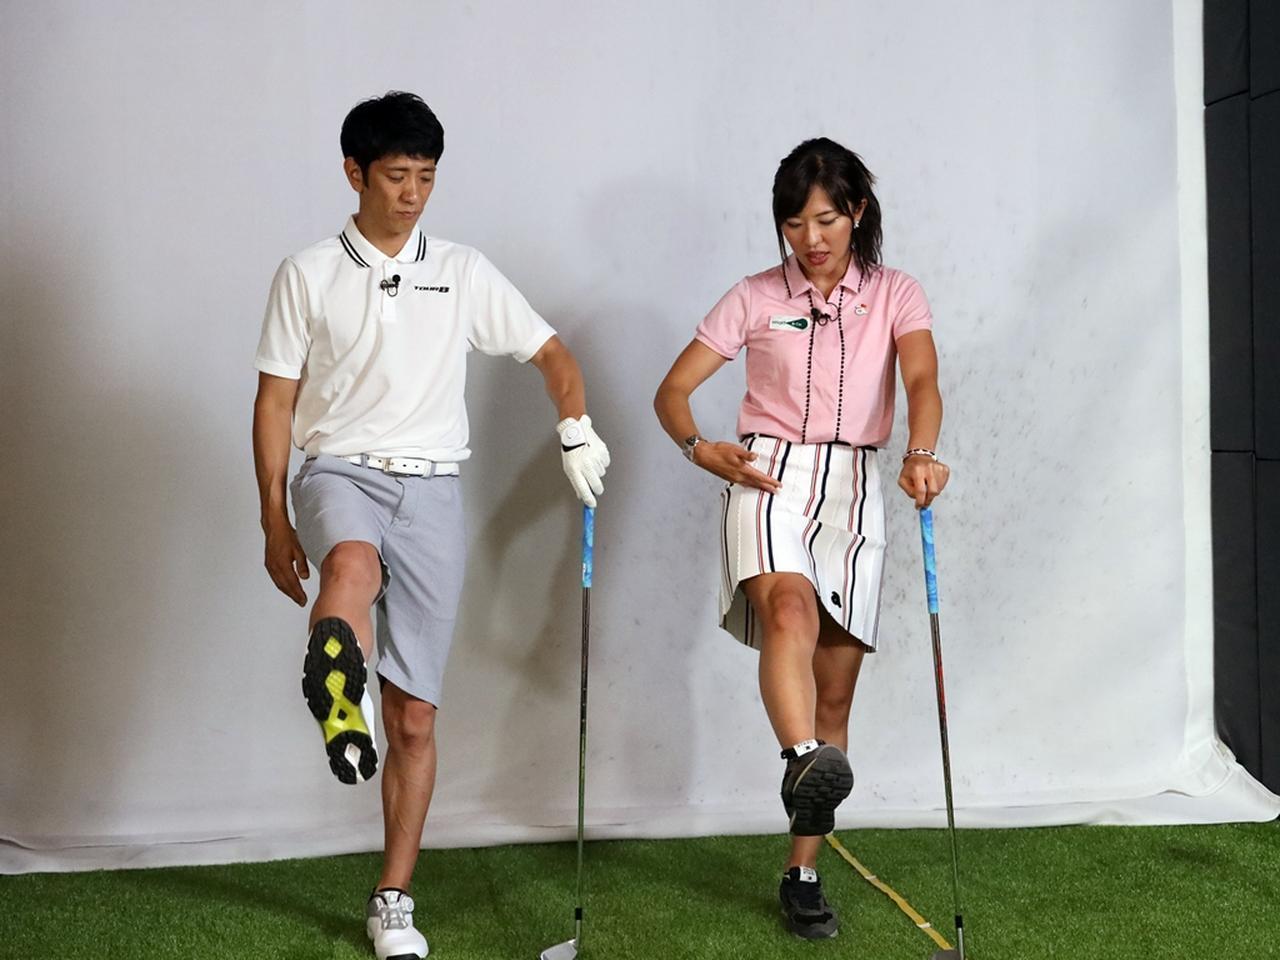 画像: どちらか一方の足を軸足にして、もう片方の足を前後に振り上げよう。クラブを杖代わりしてオッケーだ